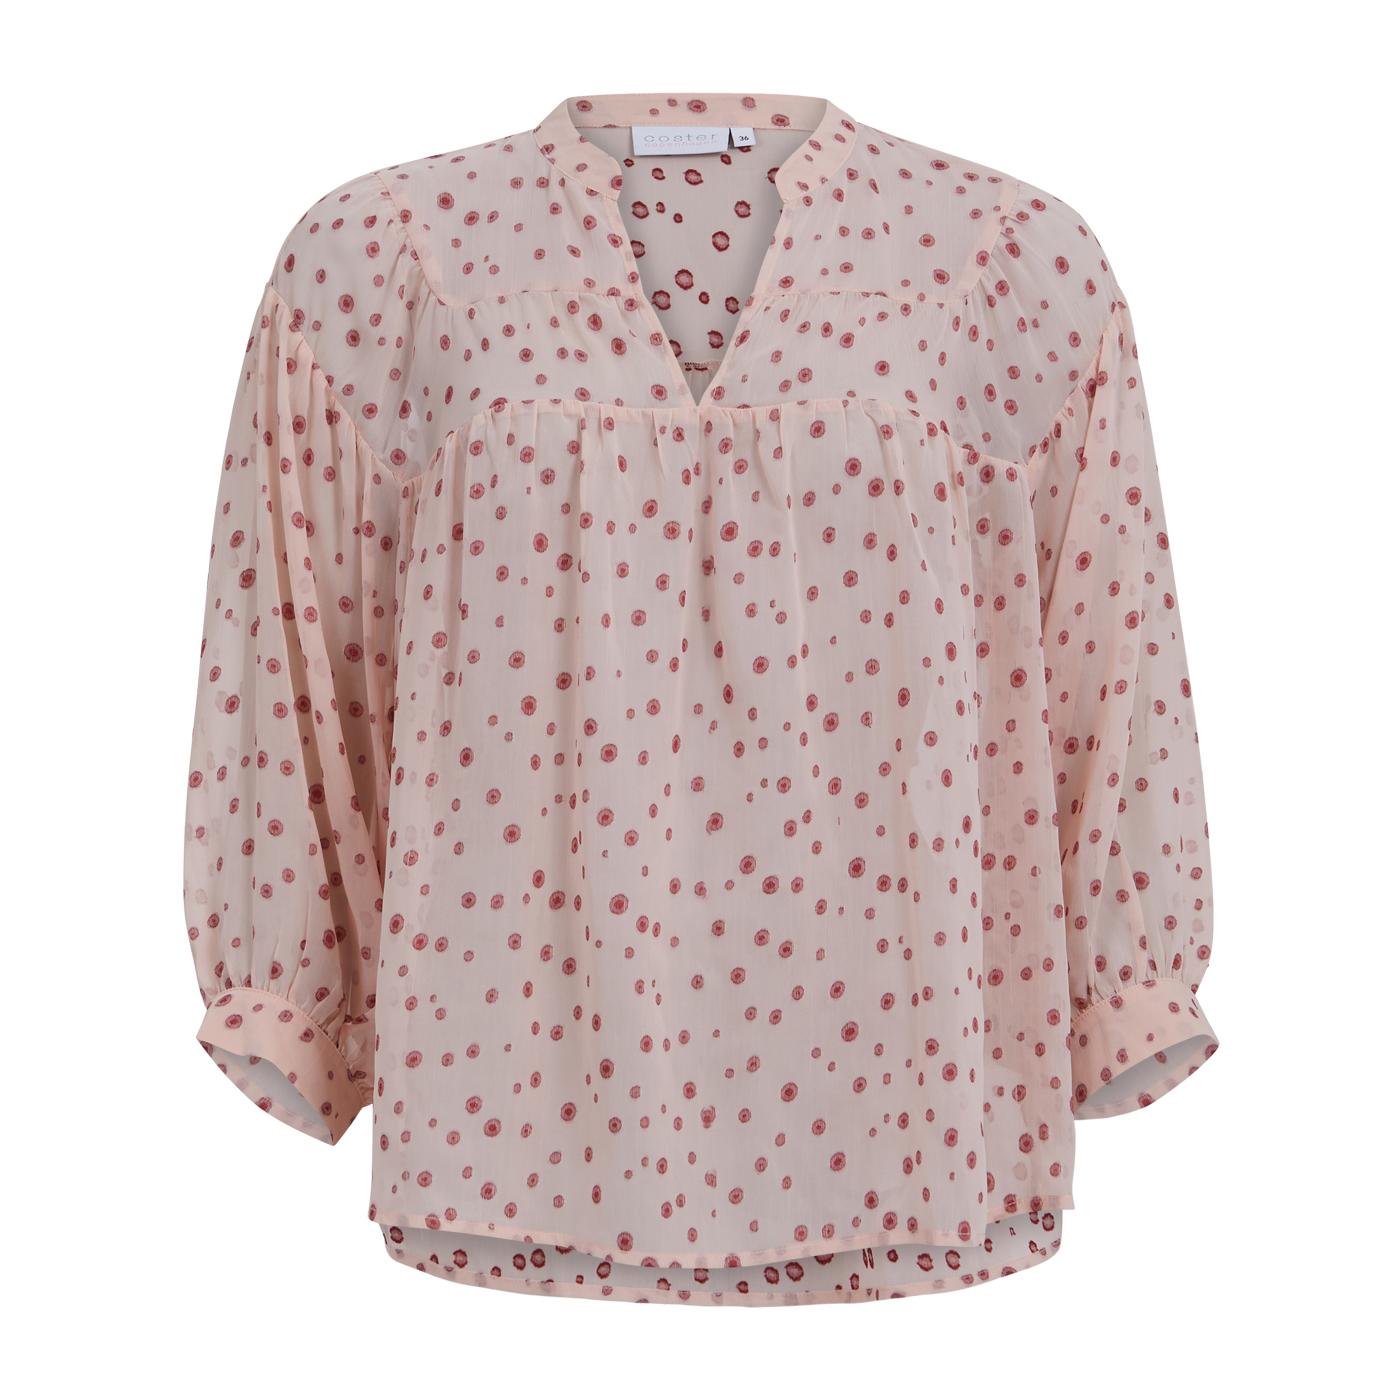 Coster Copenhagen skjorte, persian pink, 40